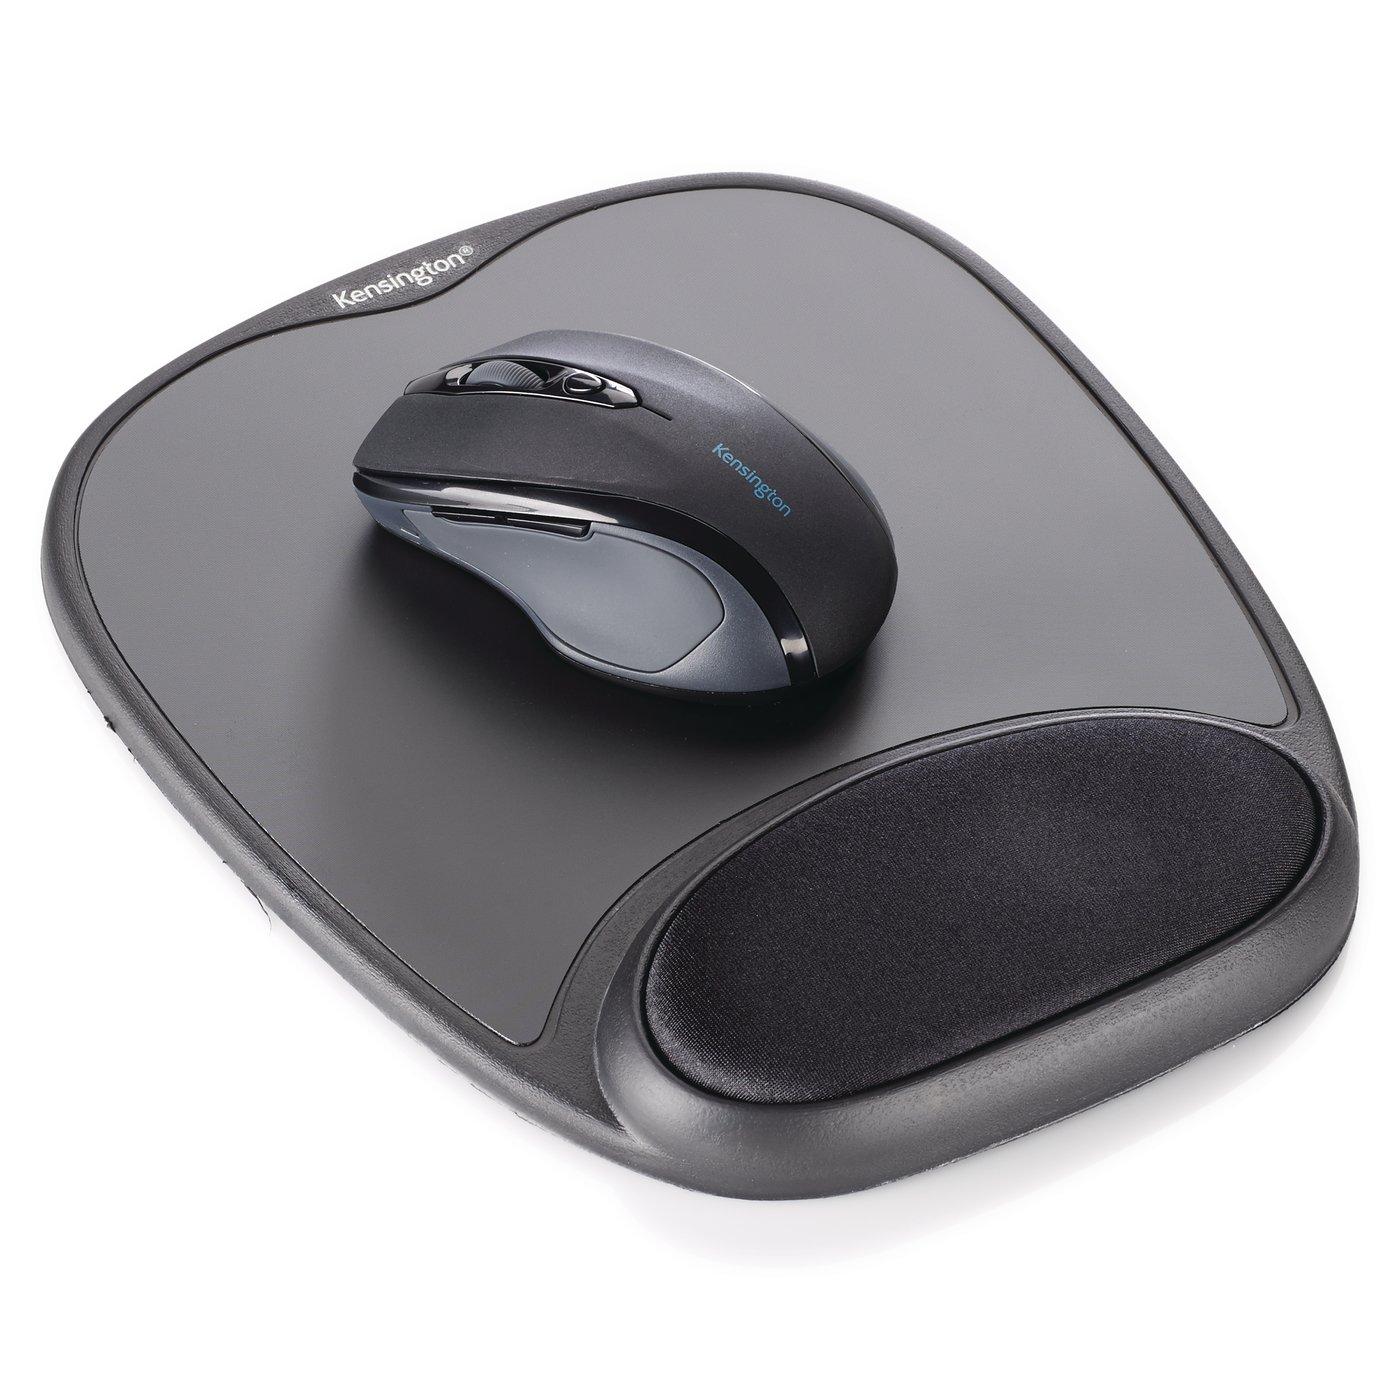 Kensington Products Ergonomics Mouse Pads Amp Wrist